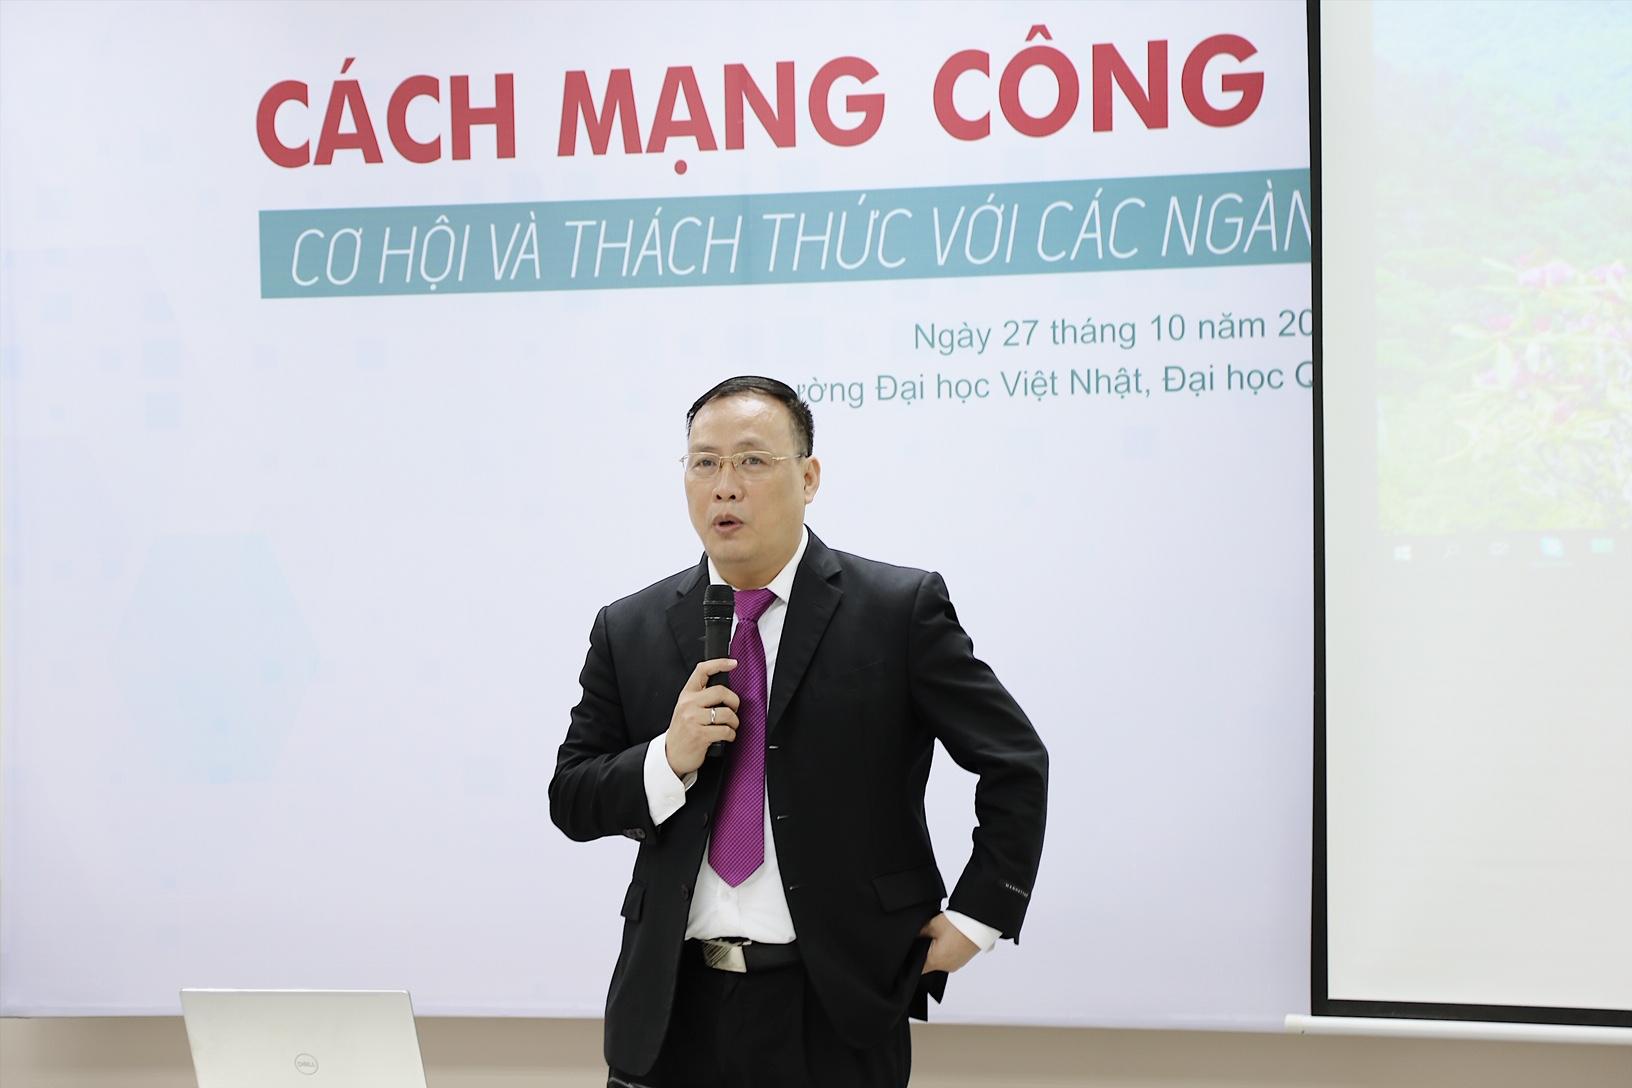 GS. TSKH. Nguyễn Đình Đức trình bày tham luận. Ảnh: VJU.